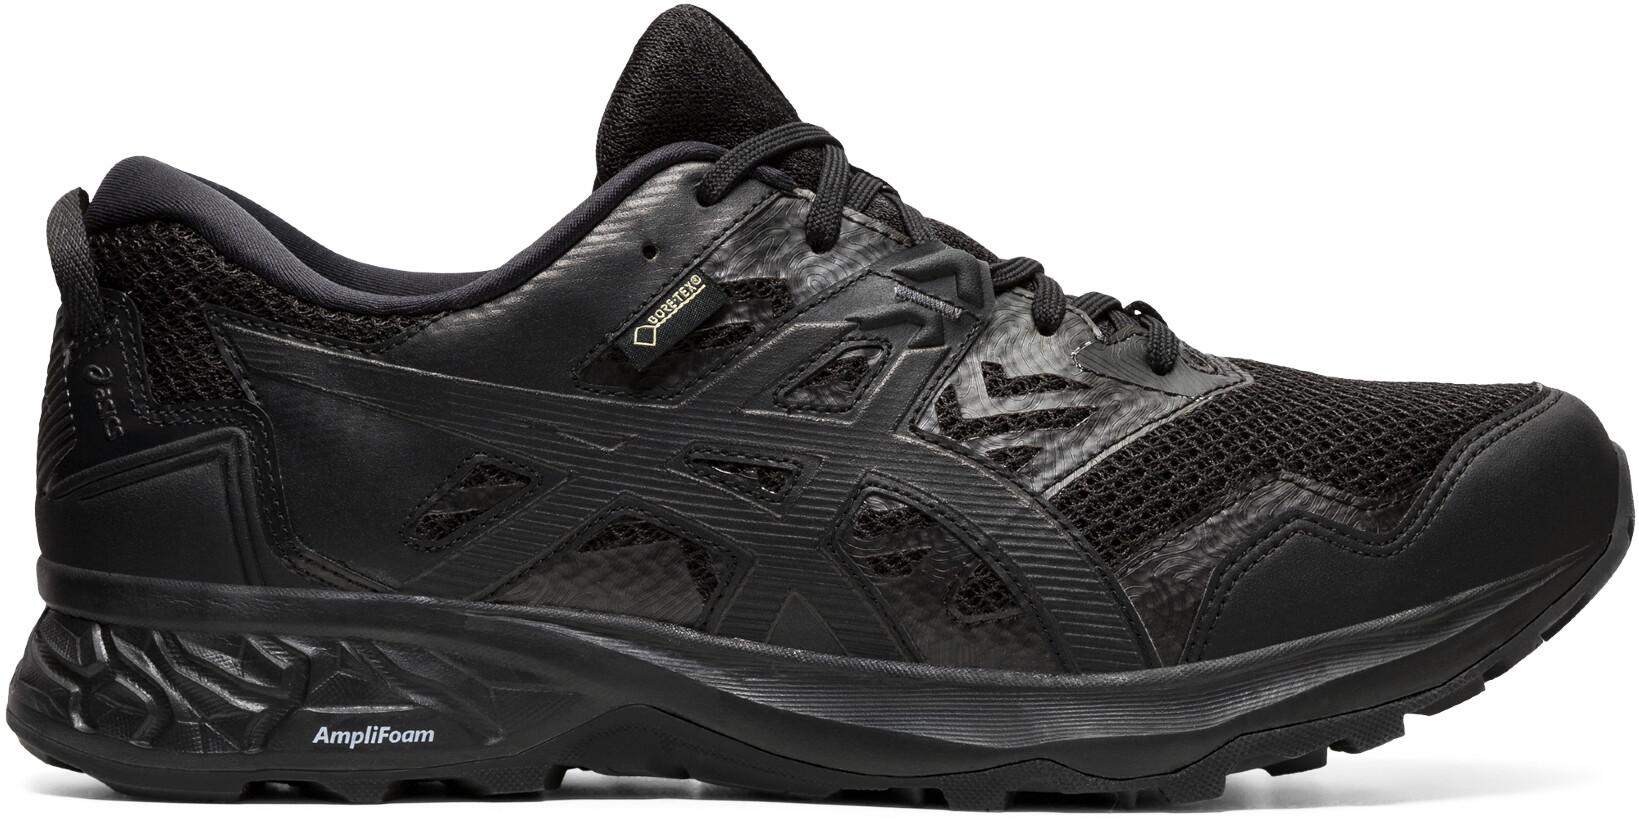 chaussures basses running femme asics gel sonoma 3 gtx